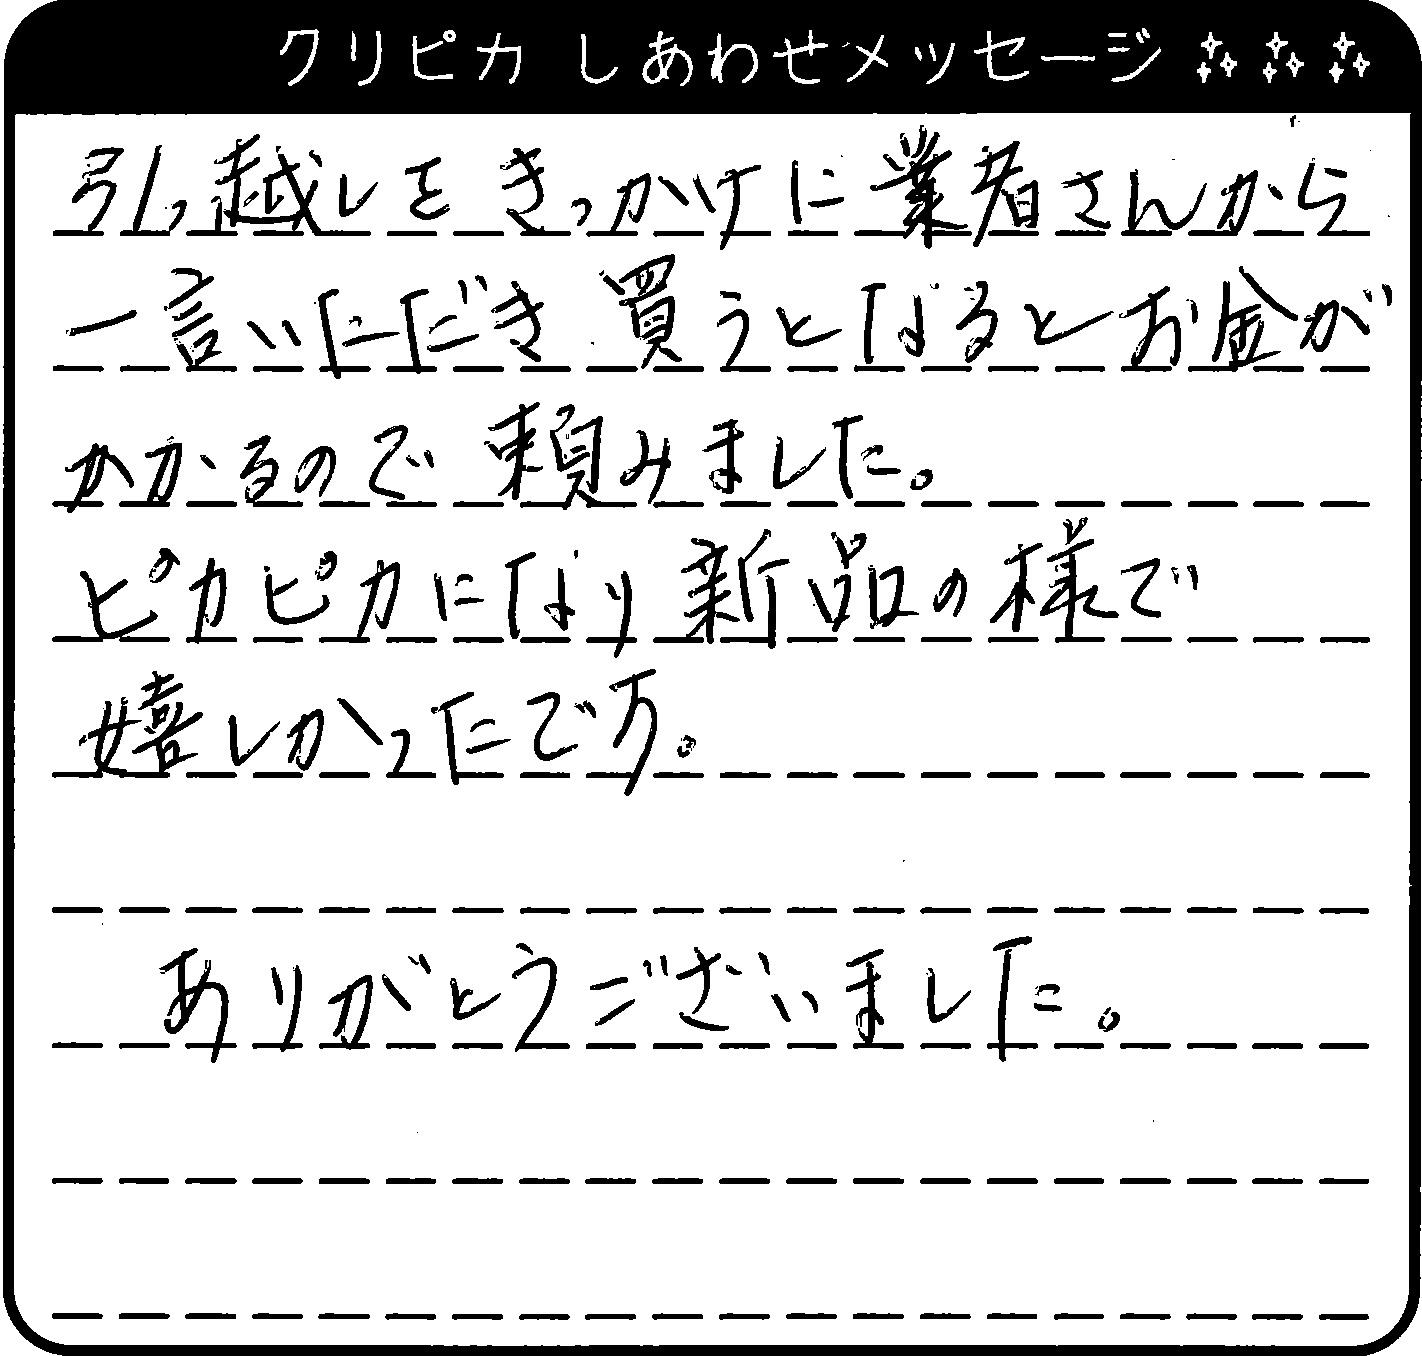 神奈川県 I様からのしあわせメッセージ